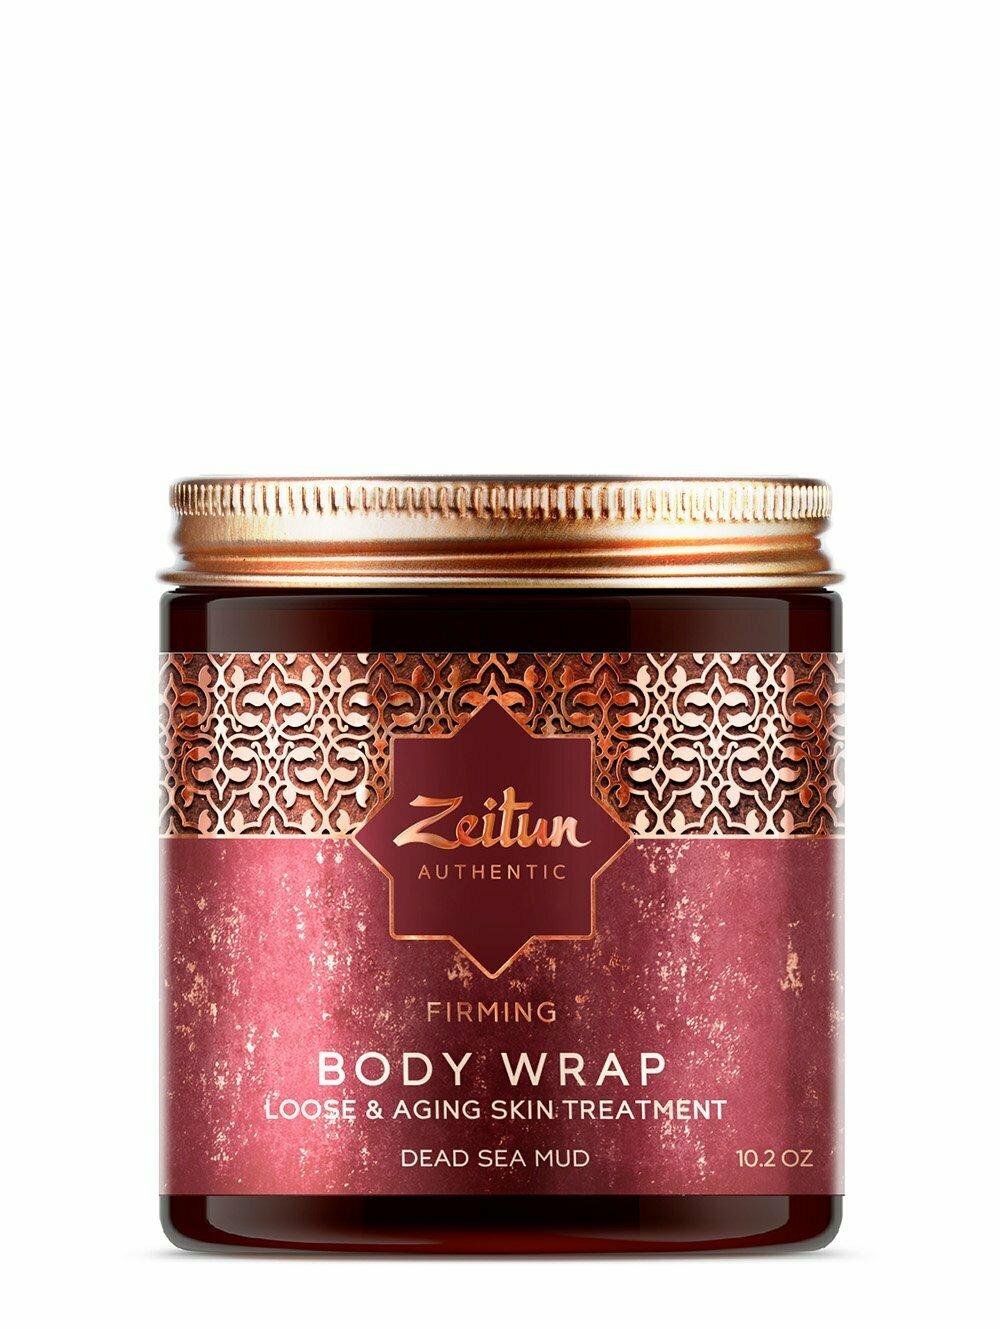 Zeitun Autentic Firming Body Wrap Моделирующая маска для упругости тела с грязью Мертвого моря